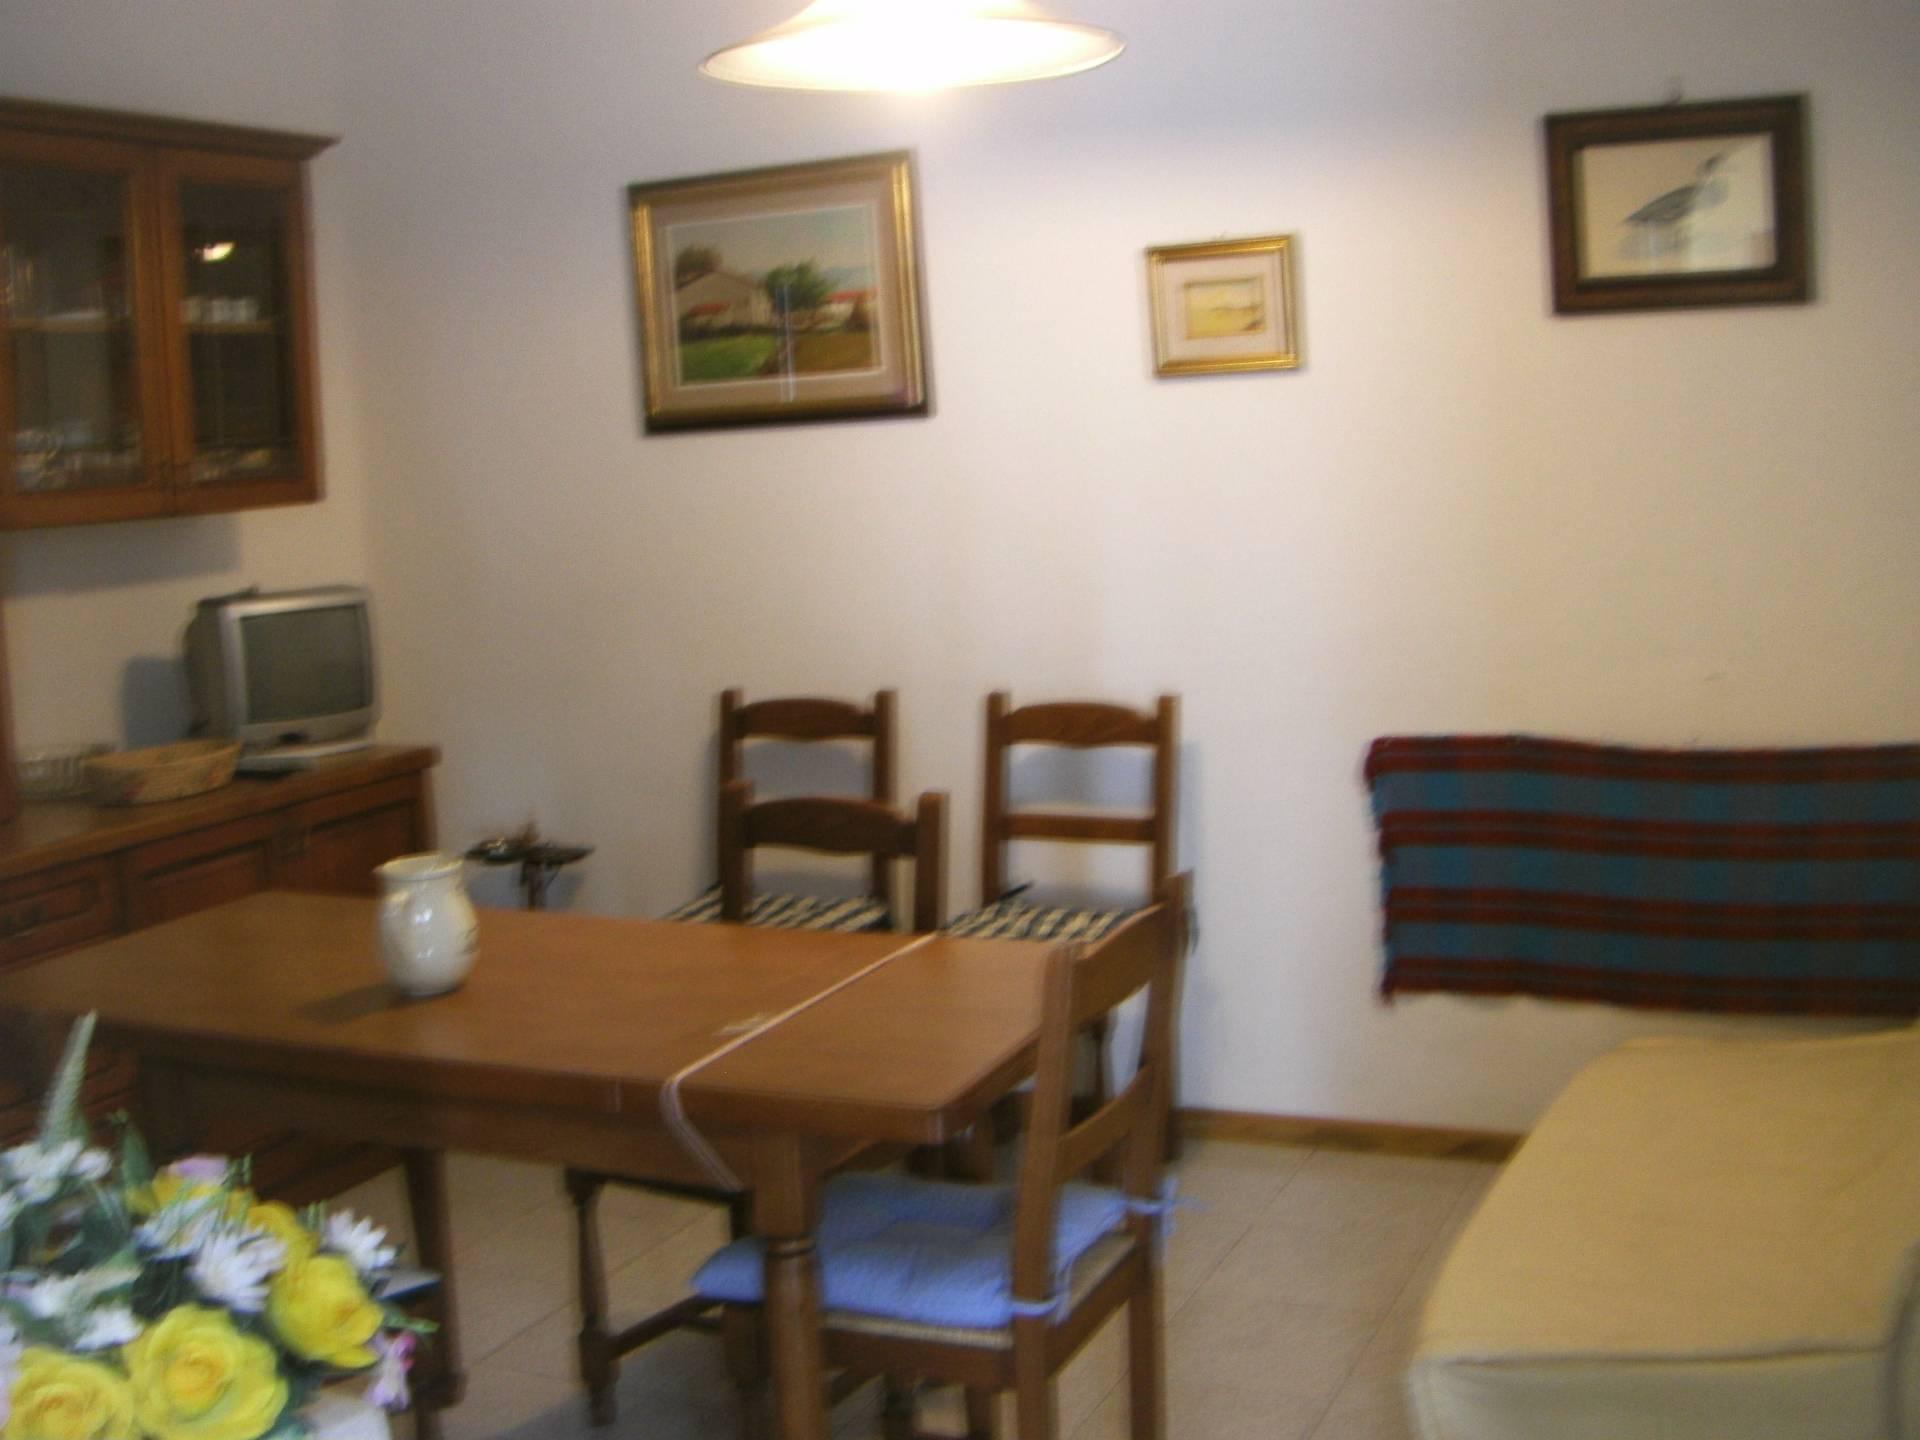 Appartamento in affitto a Rosignano Marittimo, 2 locali, zona Zona: Castiglioncello, prezzo € 500 | CambioCasa.it